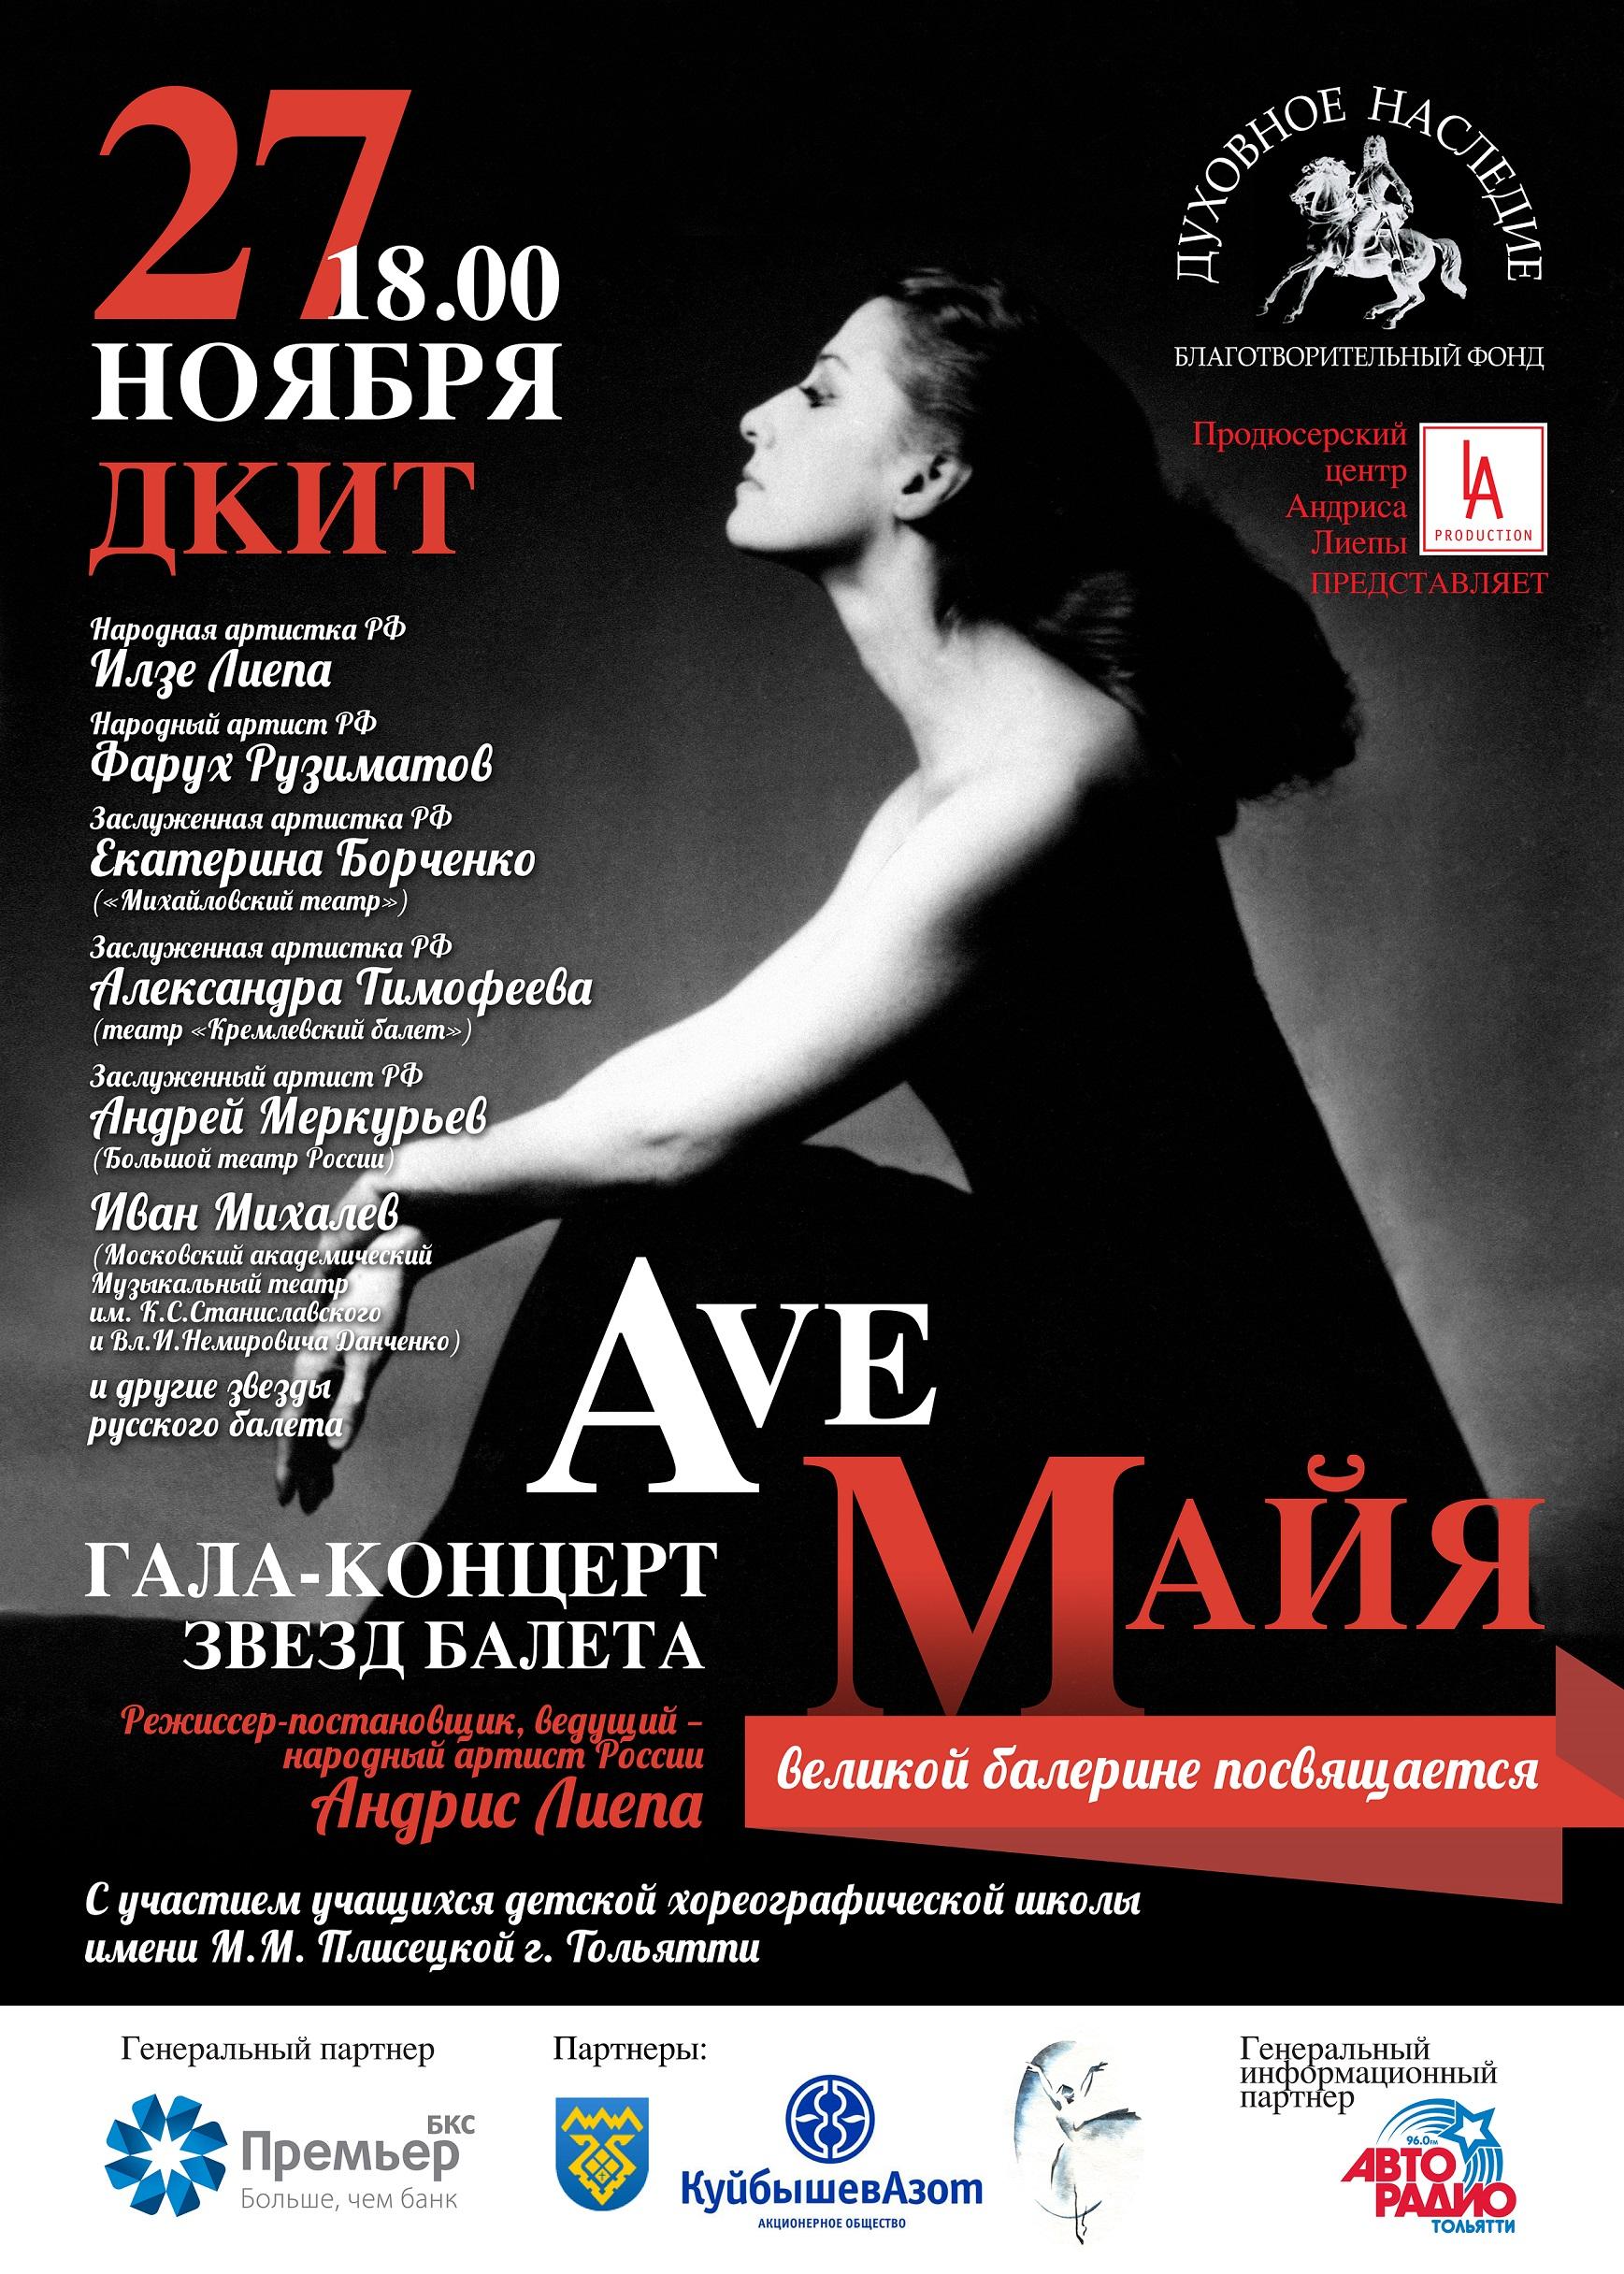 Гала концерт большой театр 2018 фото 6